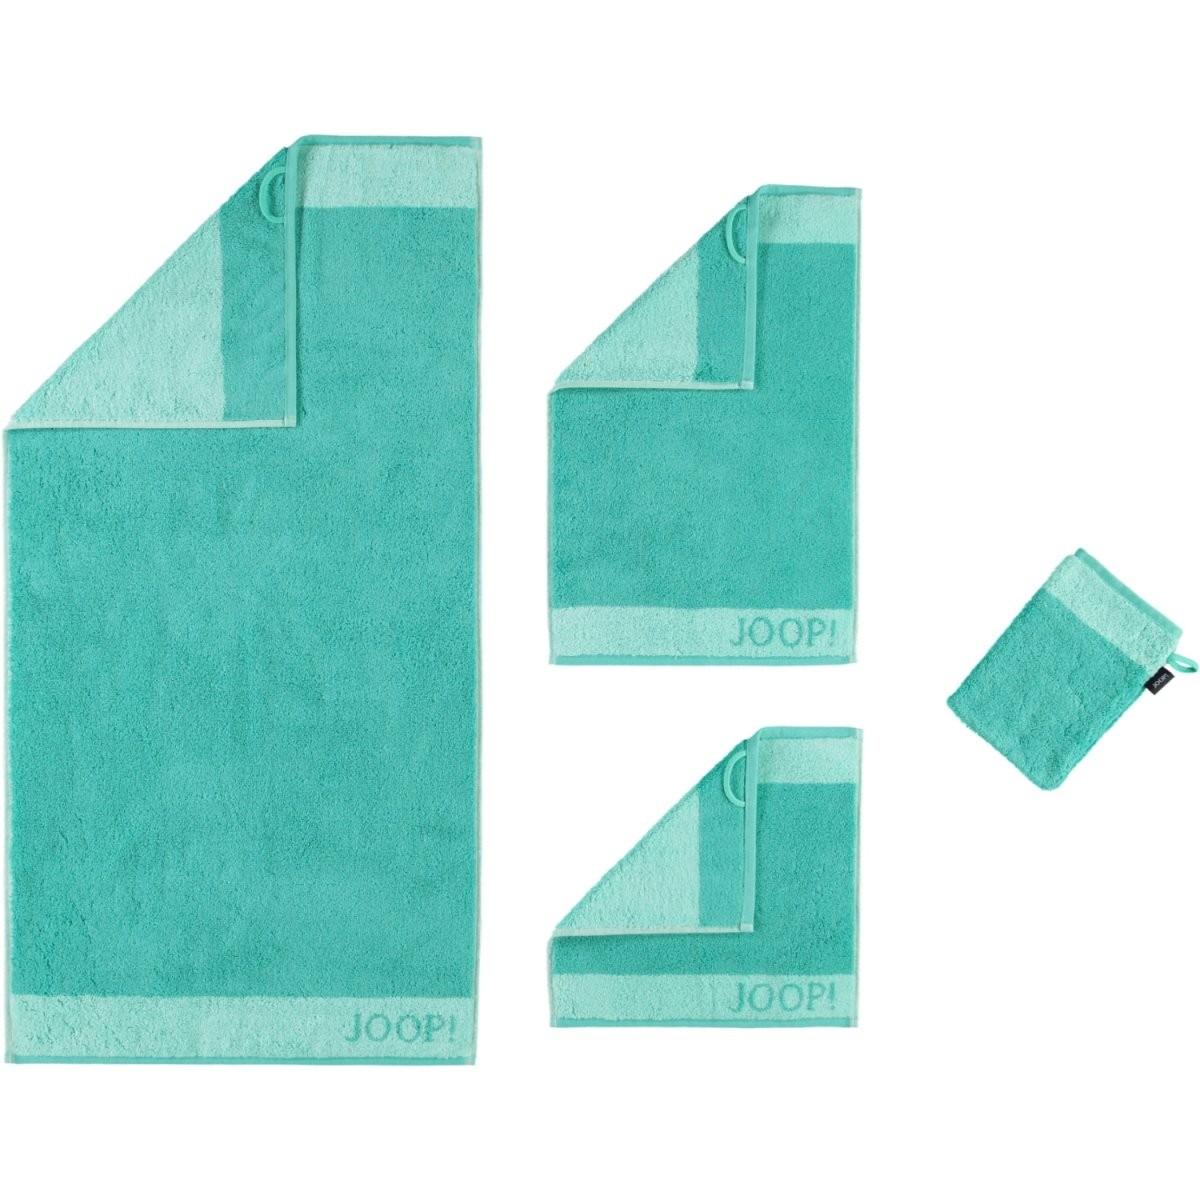 Joop Handtücher Vivid Doubleface 1661 Jade  44  Bademantelwelt von Joop Handtücher Set Günstig Photo